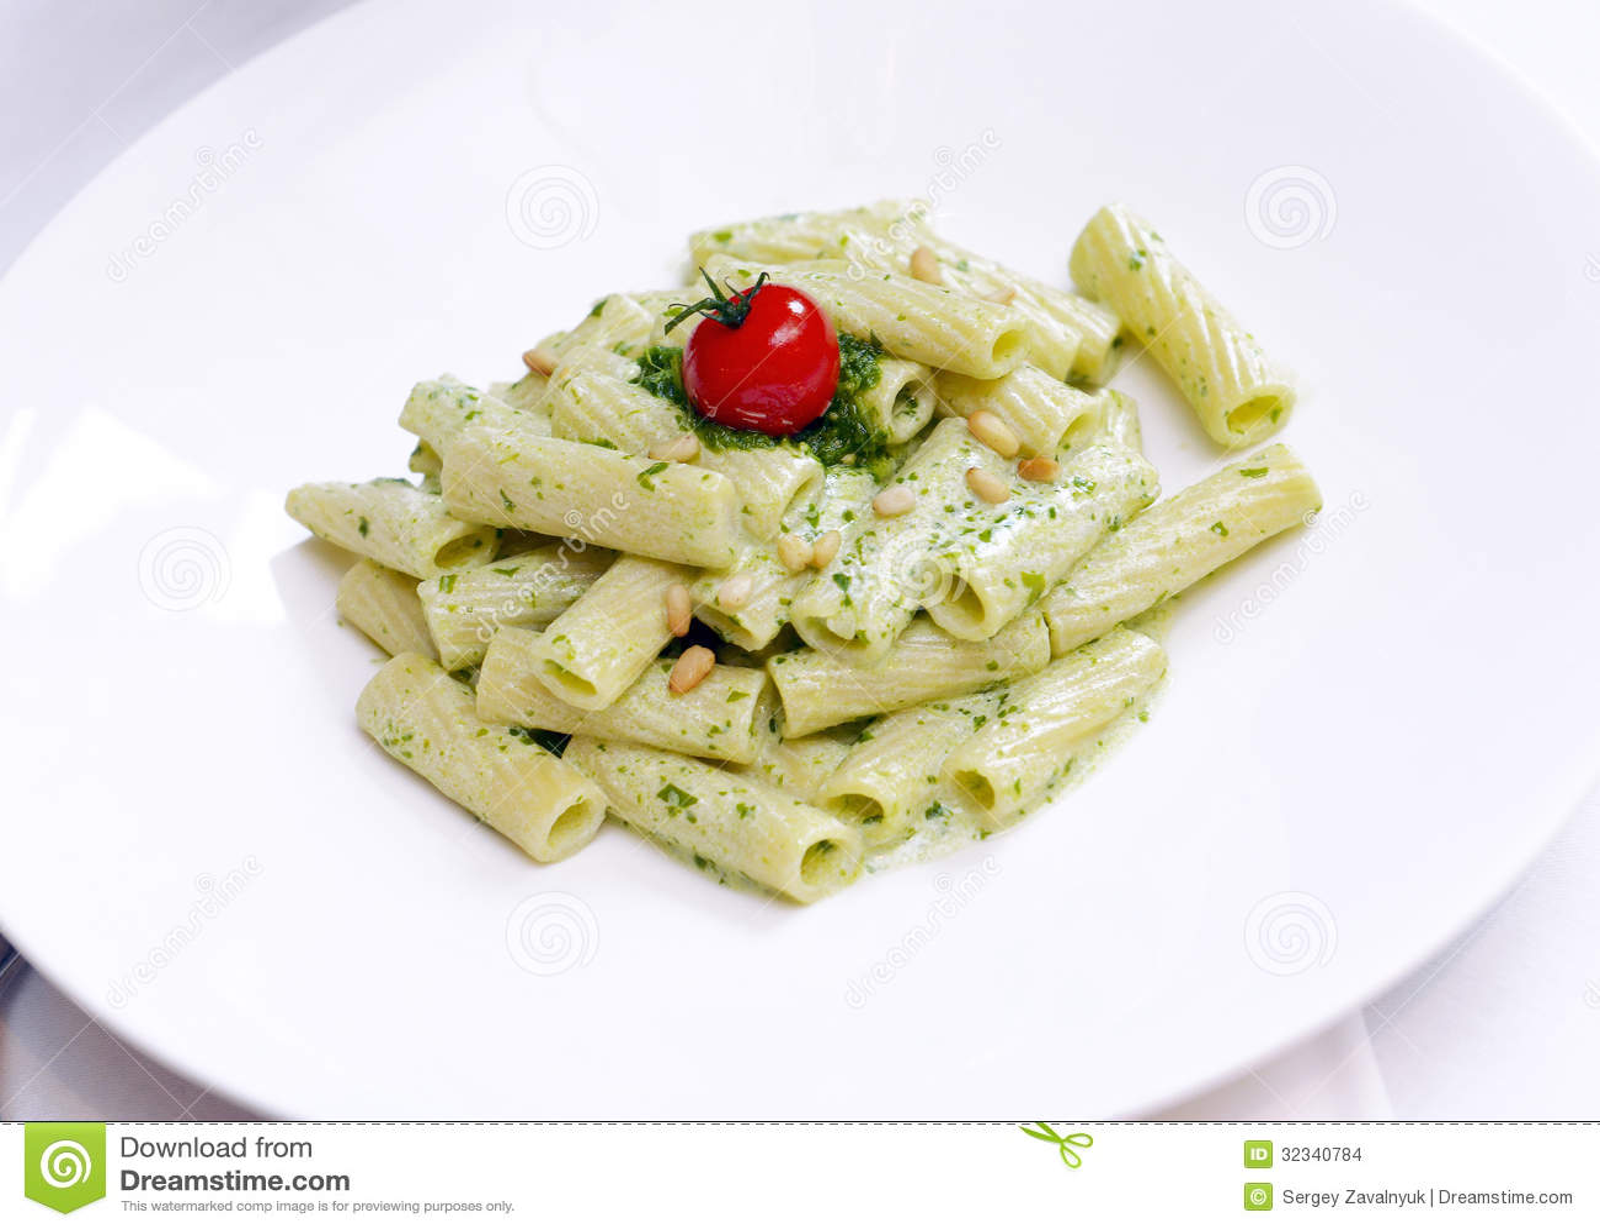 bechamelsås till pasta